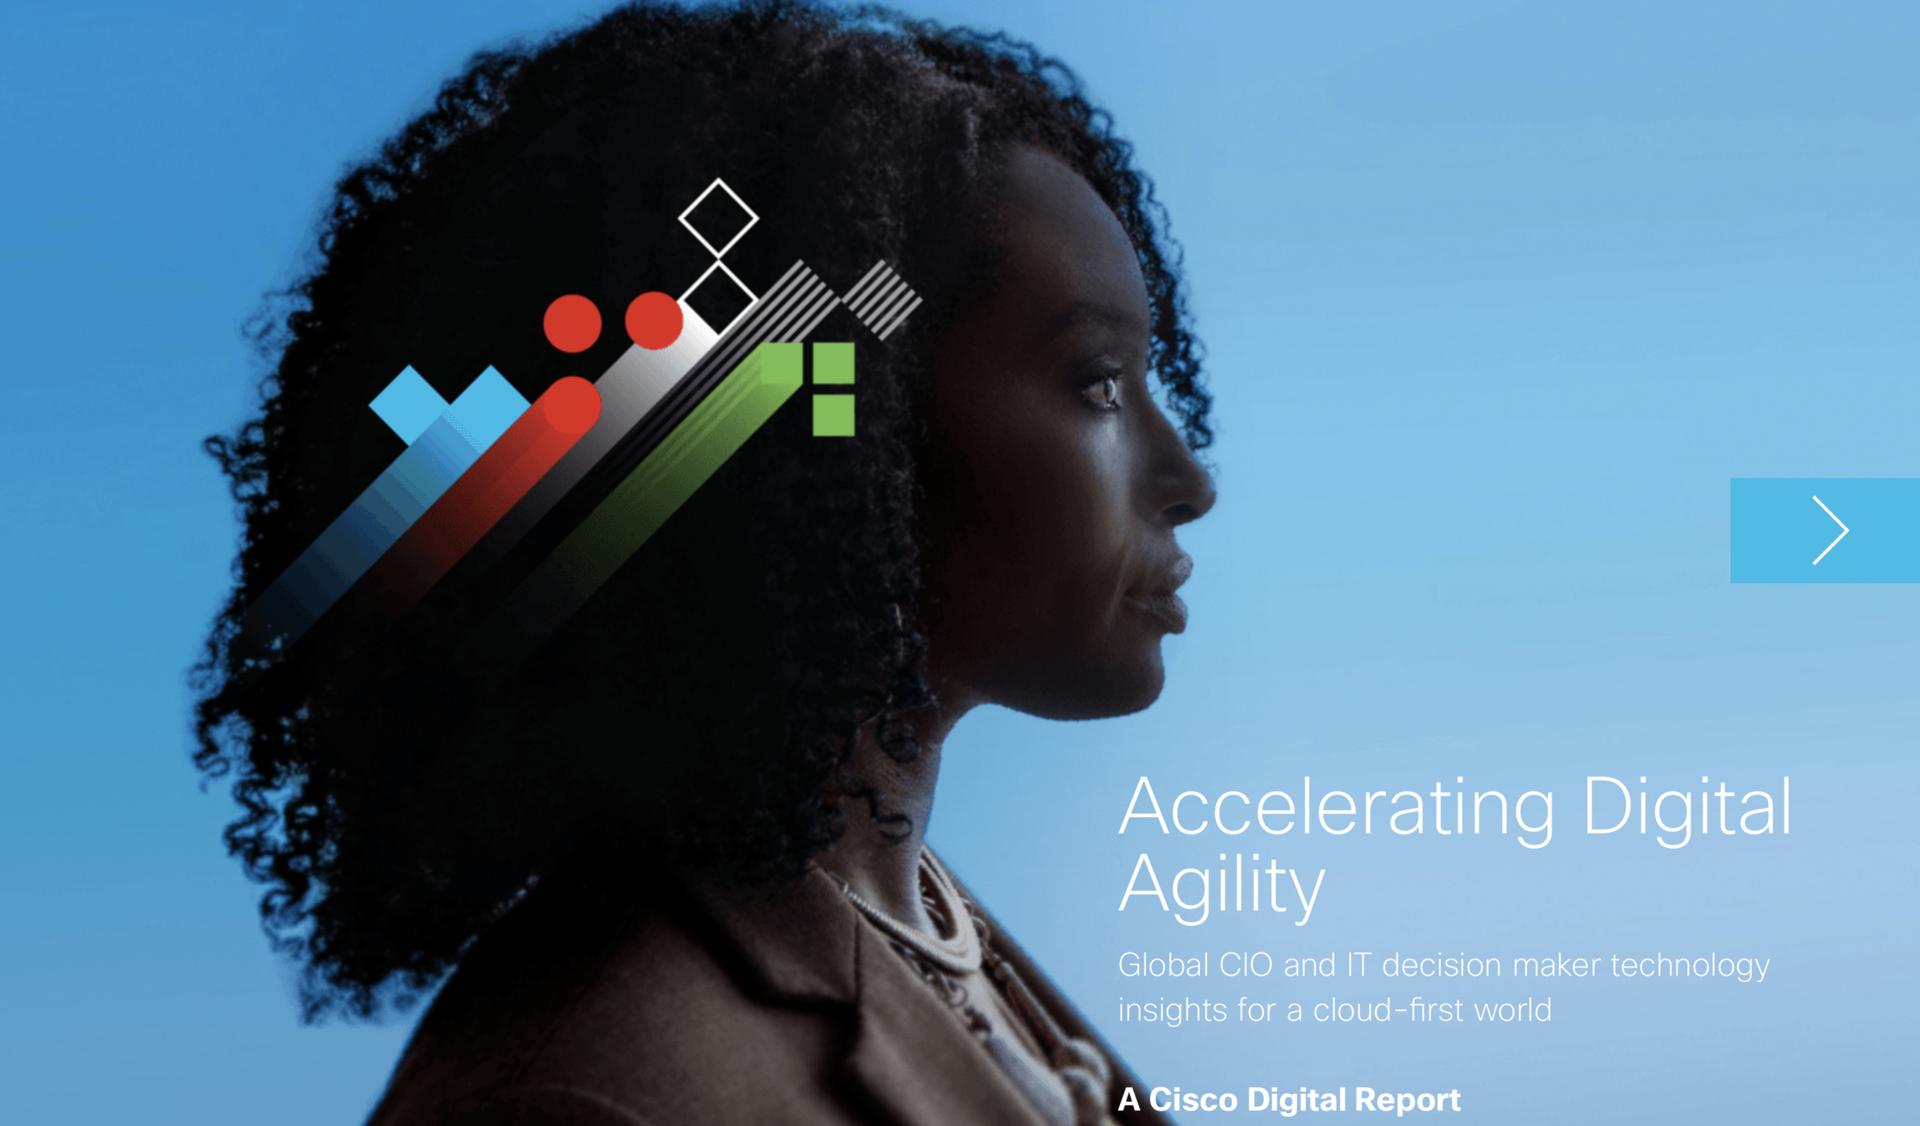 Badanie Cisco_współpraca, chmura i bezpieczeństwo to najważniejsze wyzwania dla działów IT